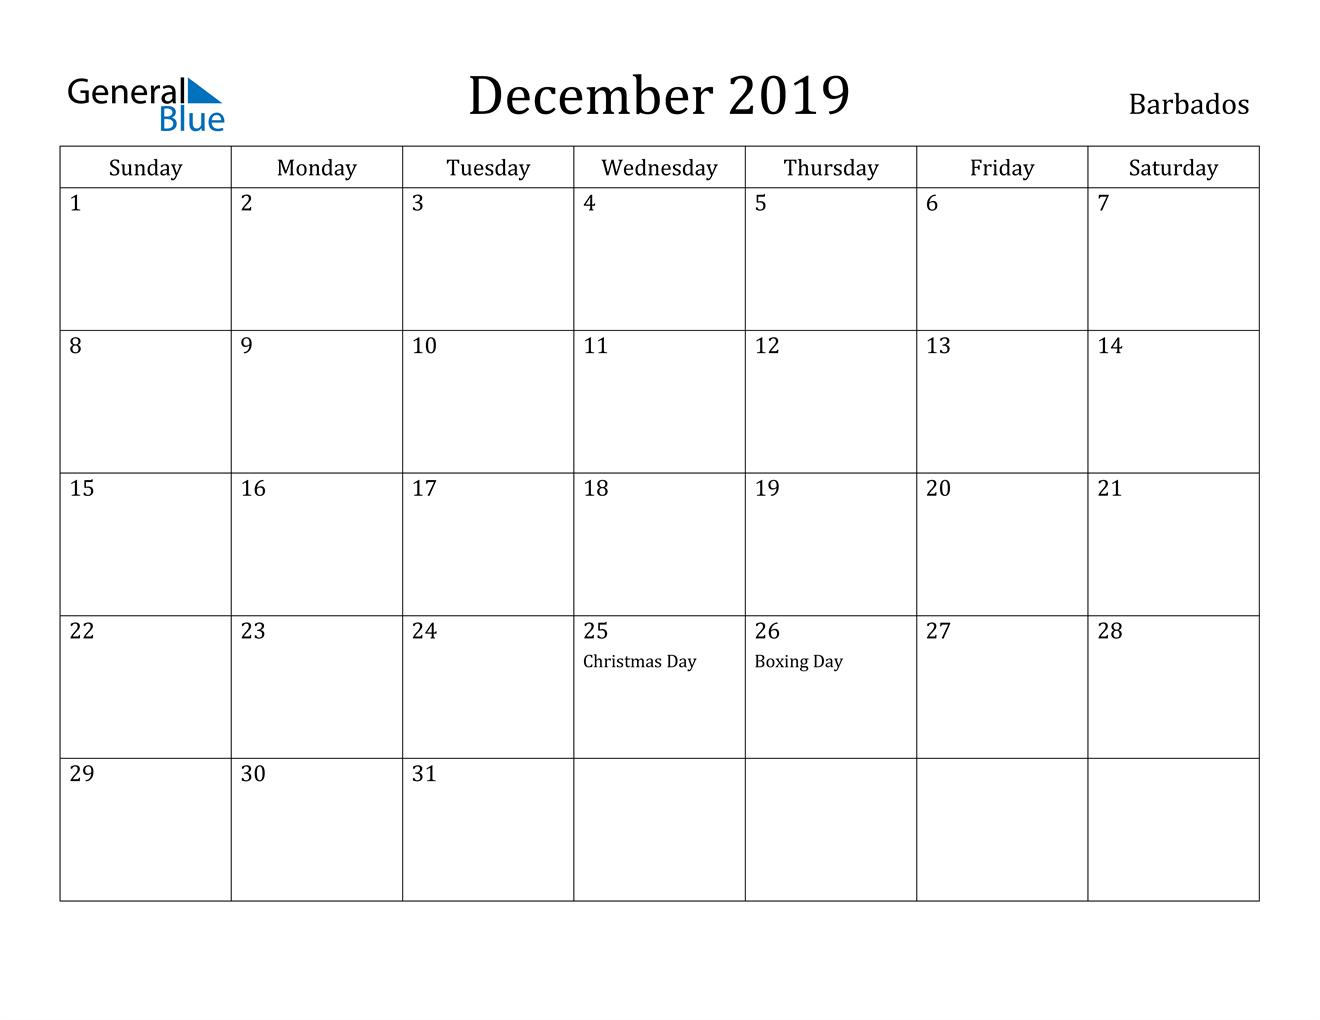 Image of December 2019 Barbados Calendar with Holidays Calendar